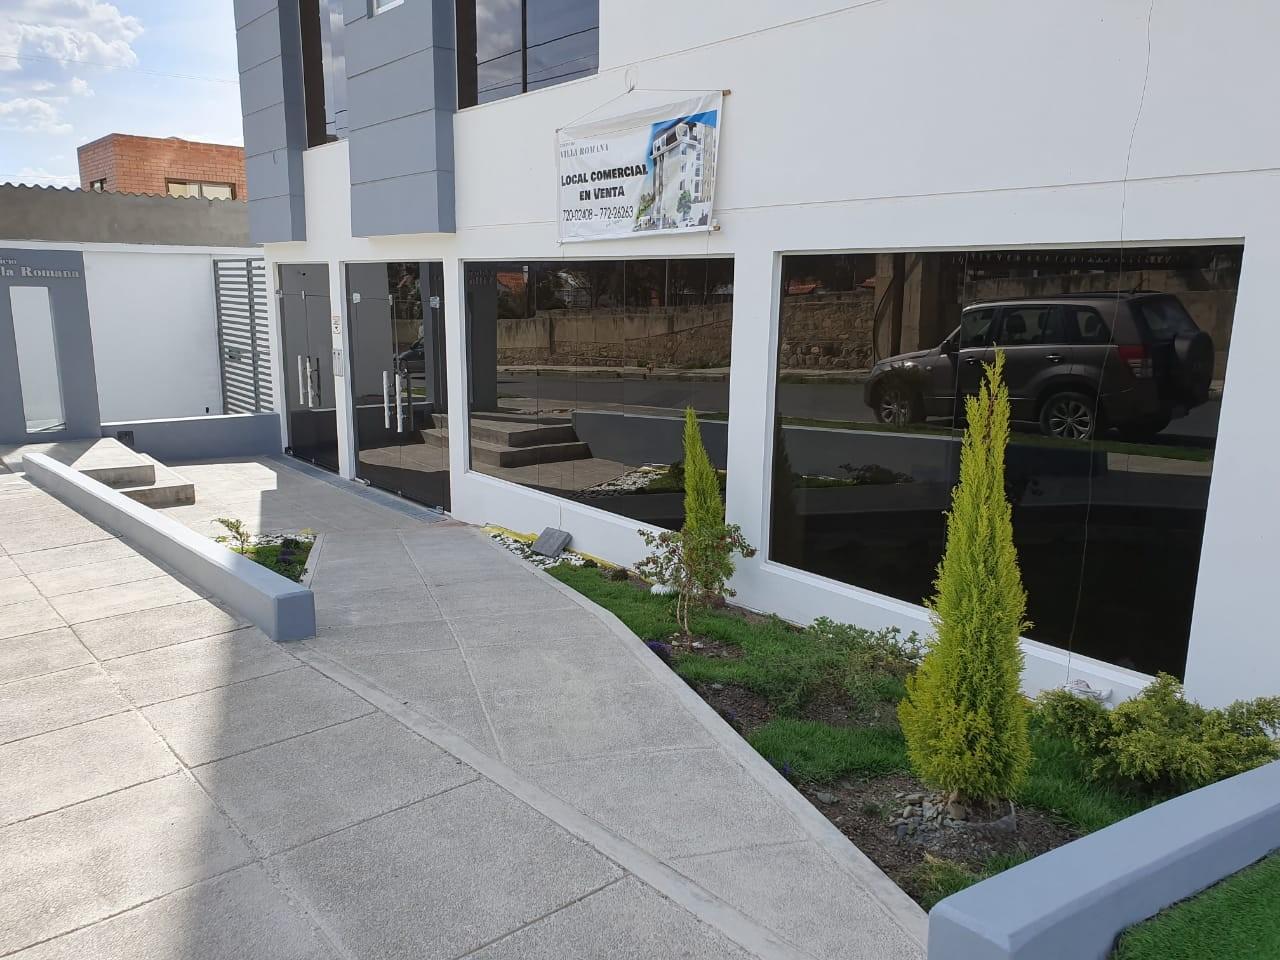 Oficina en Venta Av. Costanera, entre calles 25 y 26 Foto 4